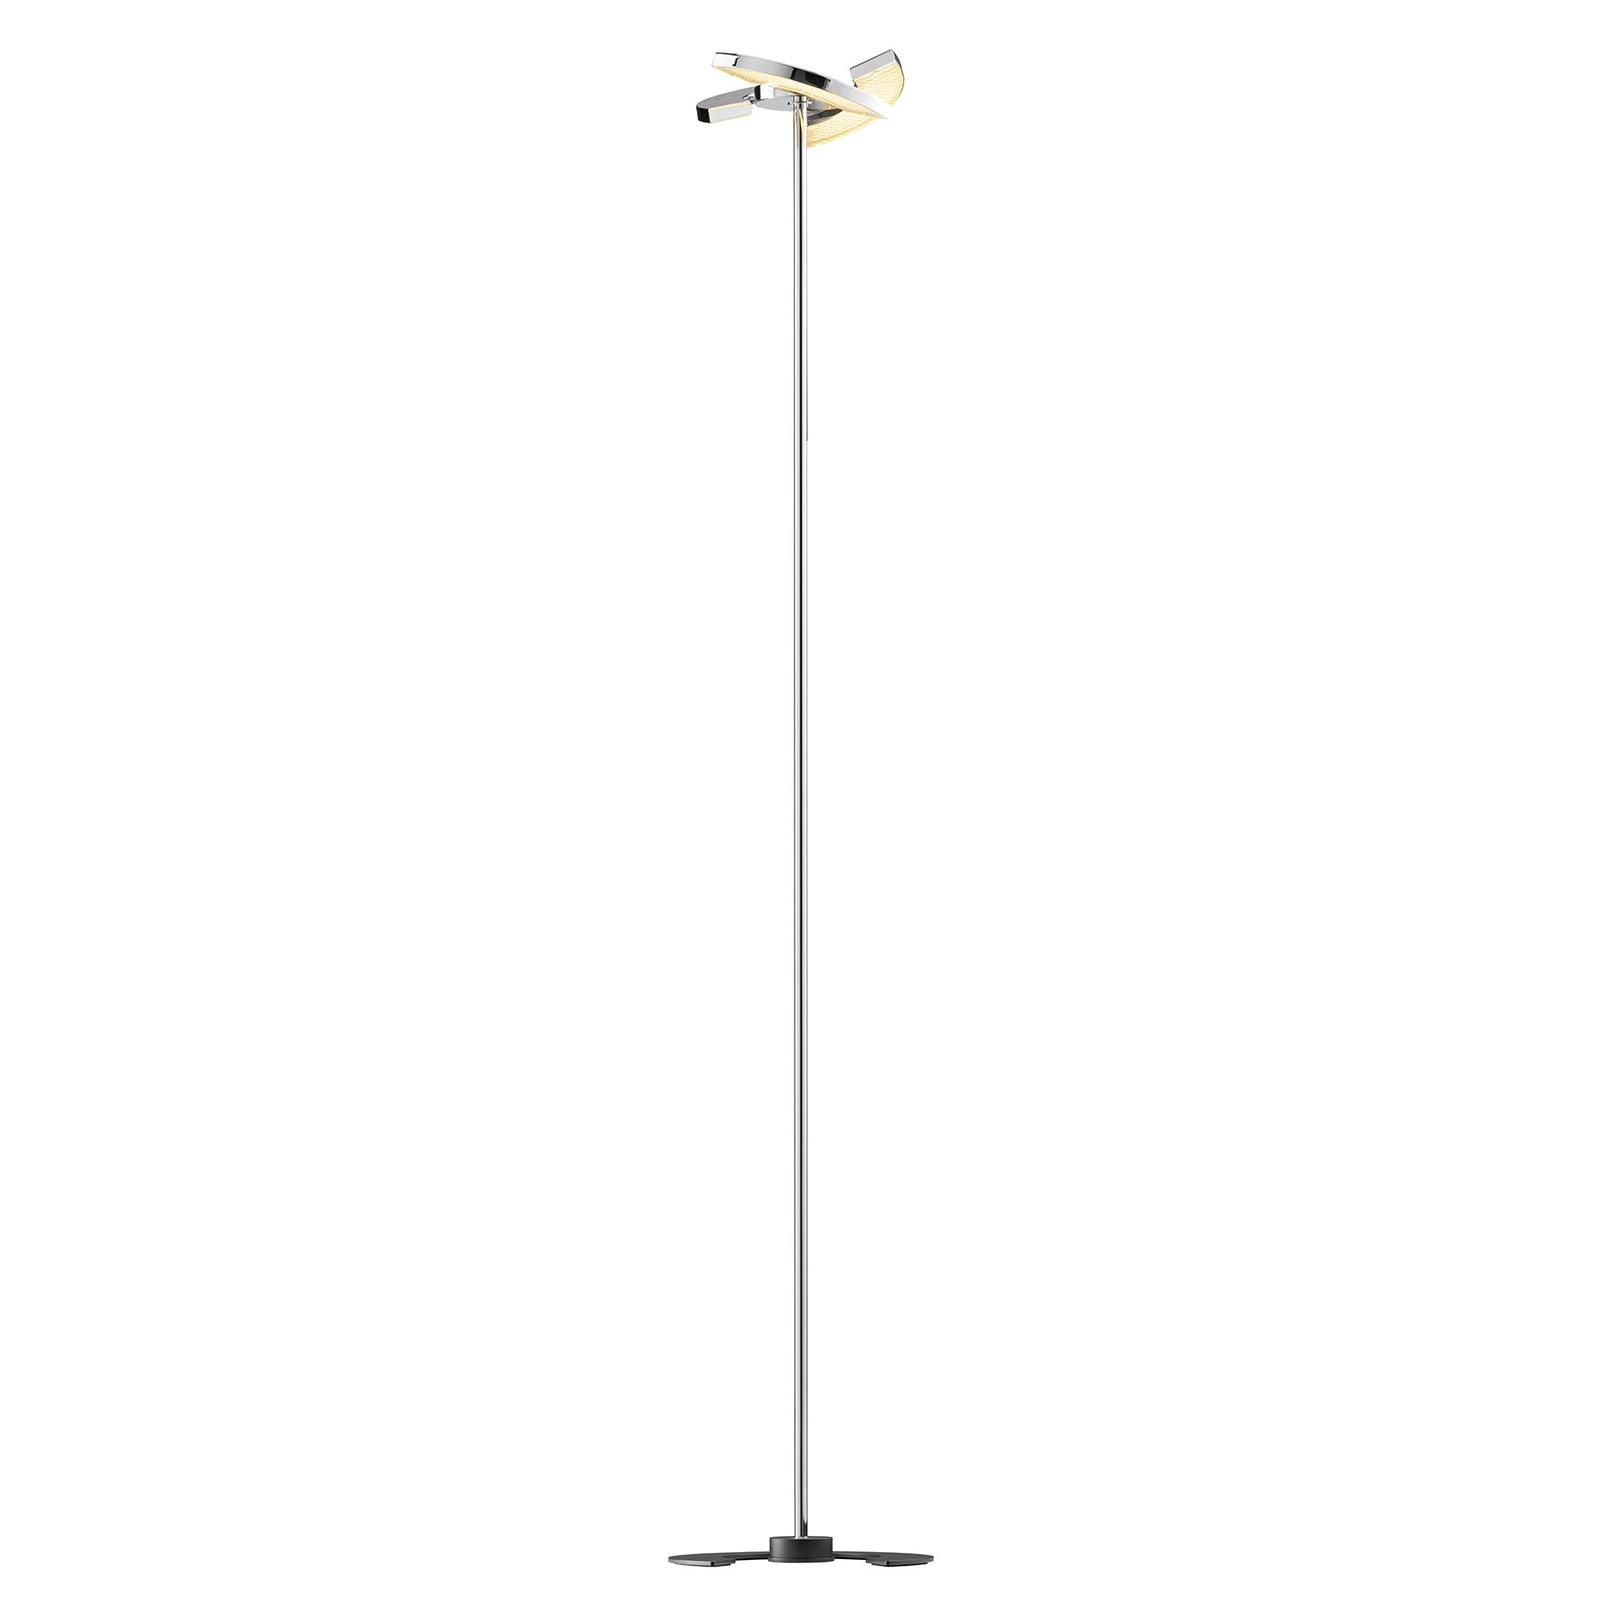 OLIGO Trinity LED-Stehlampe 3 bewegliche Segmente